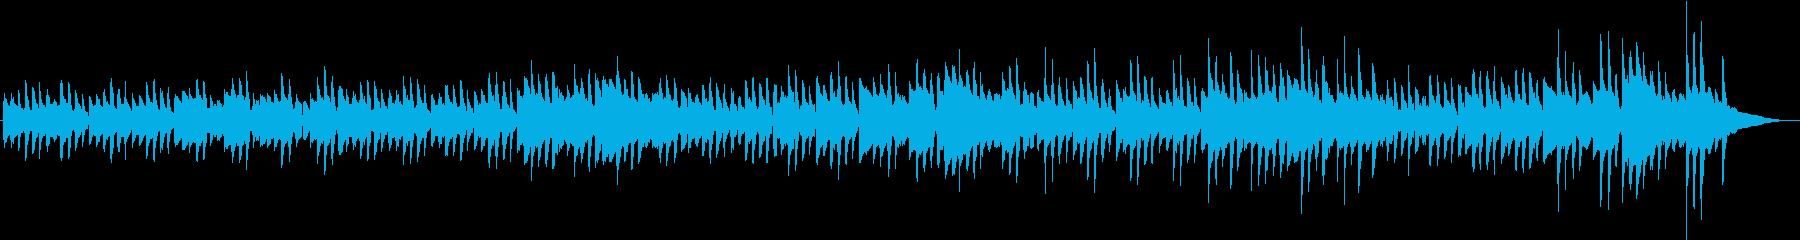 暖かくて静かなピアノ曲の再生済みの波形